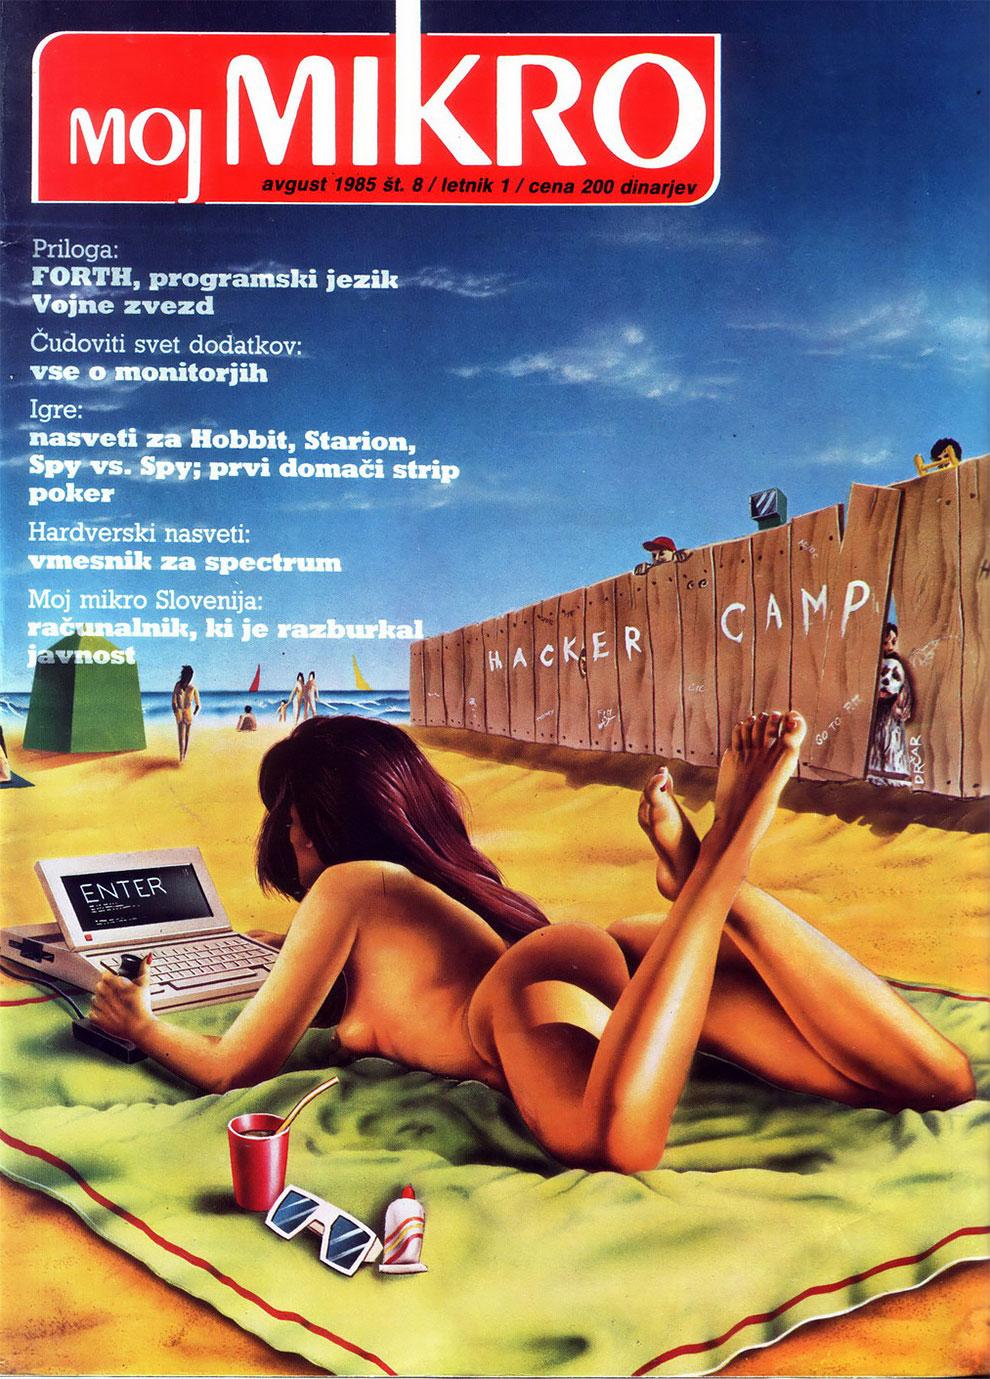 Обложки компьютерных журналов 90-х годов